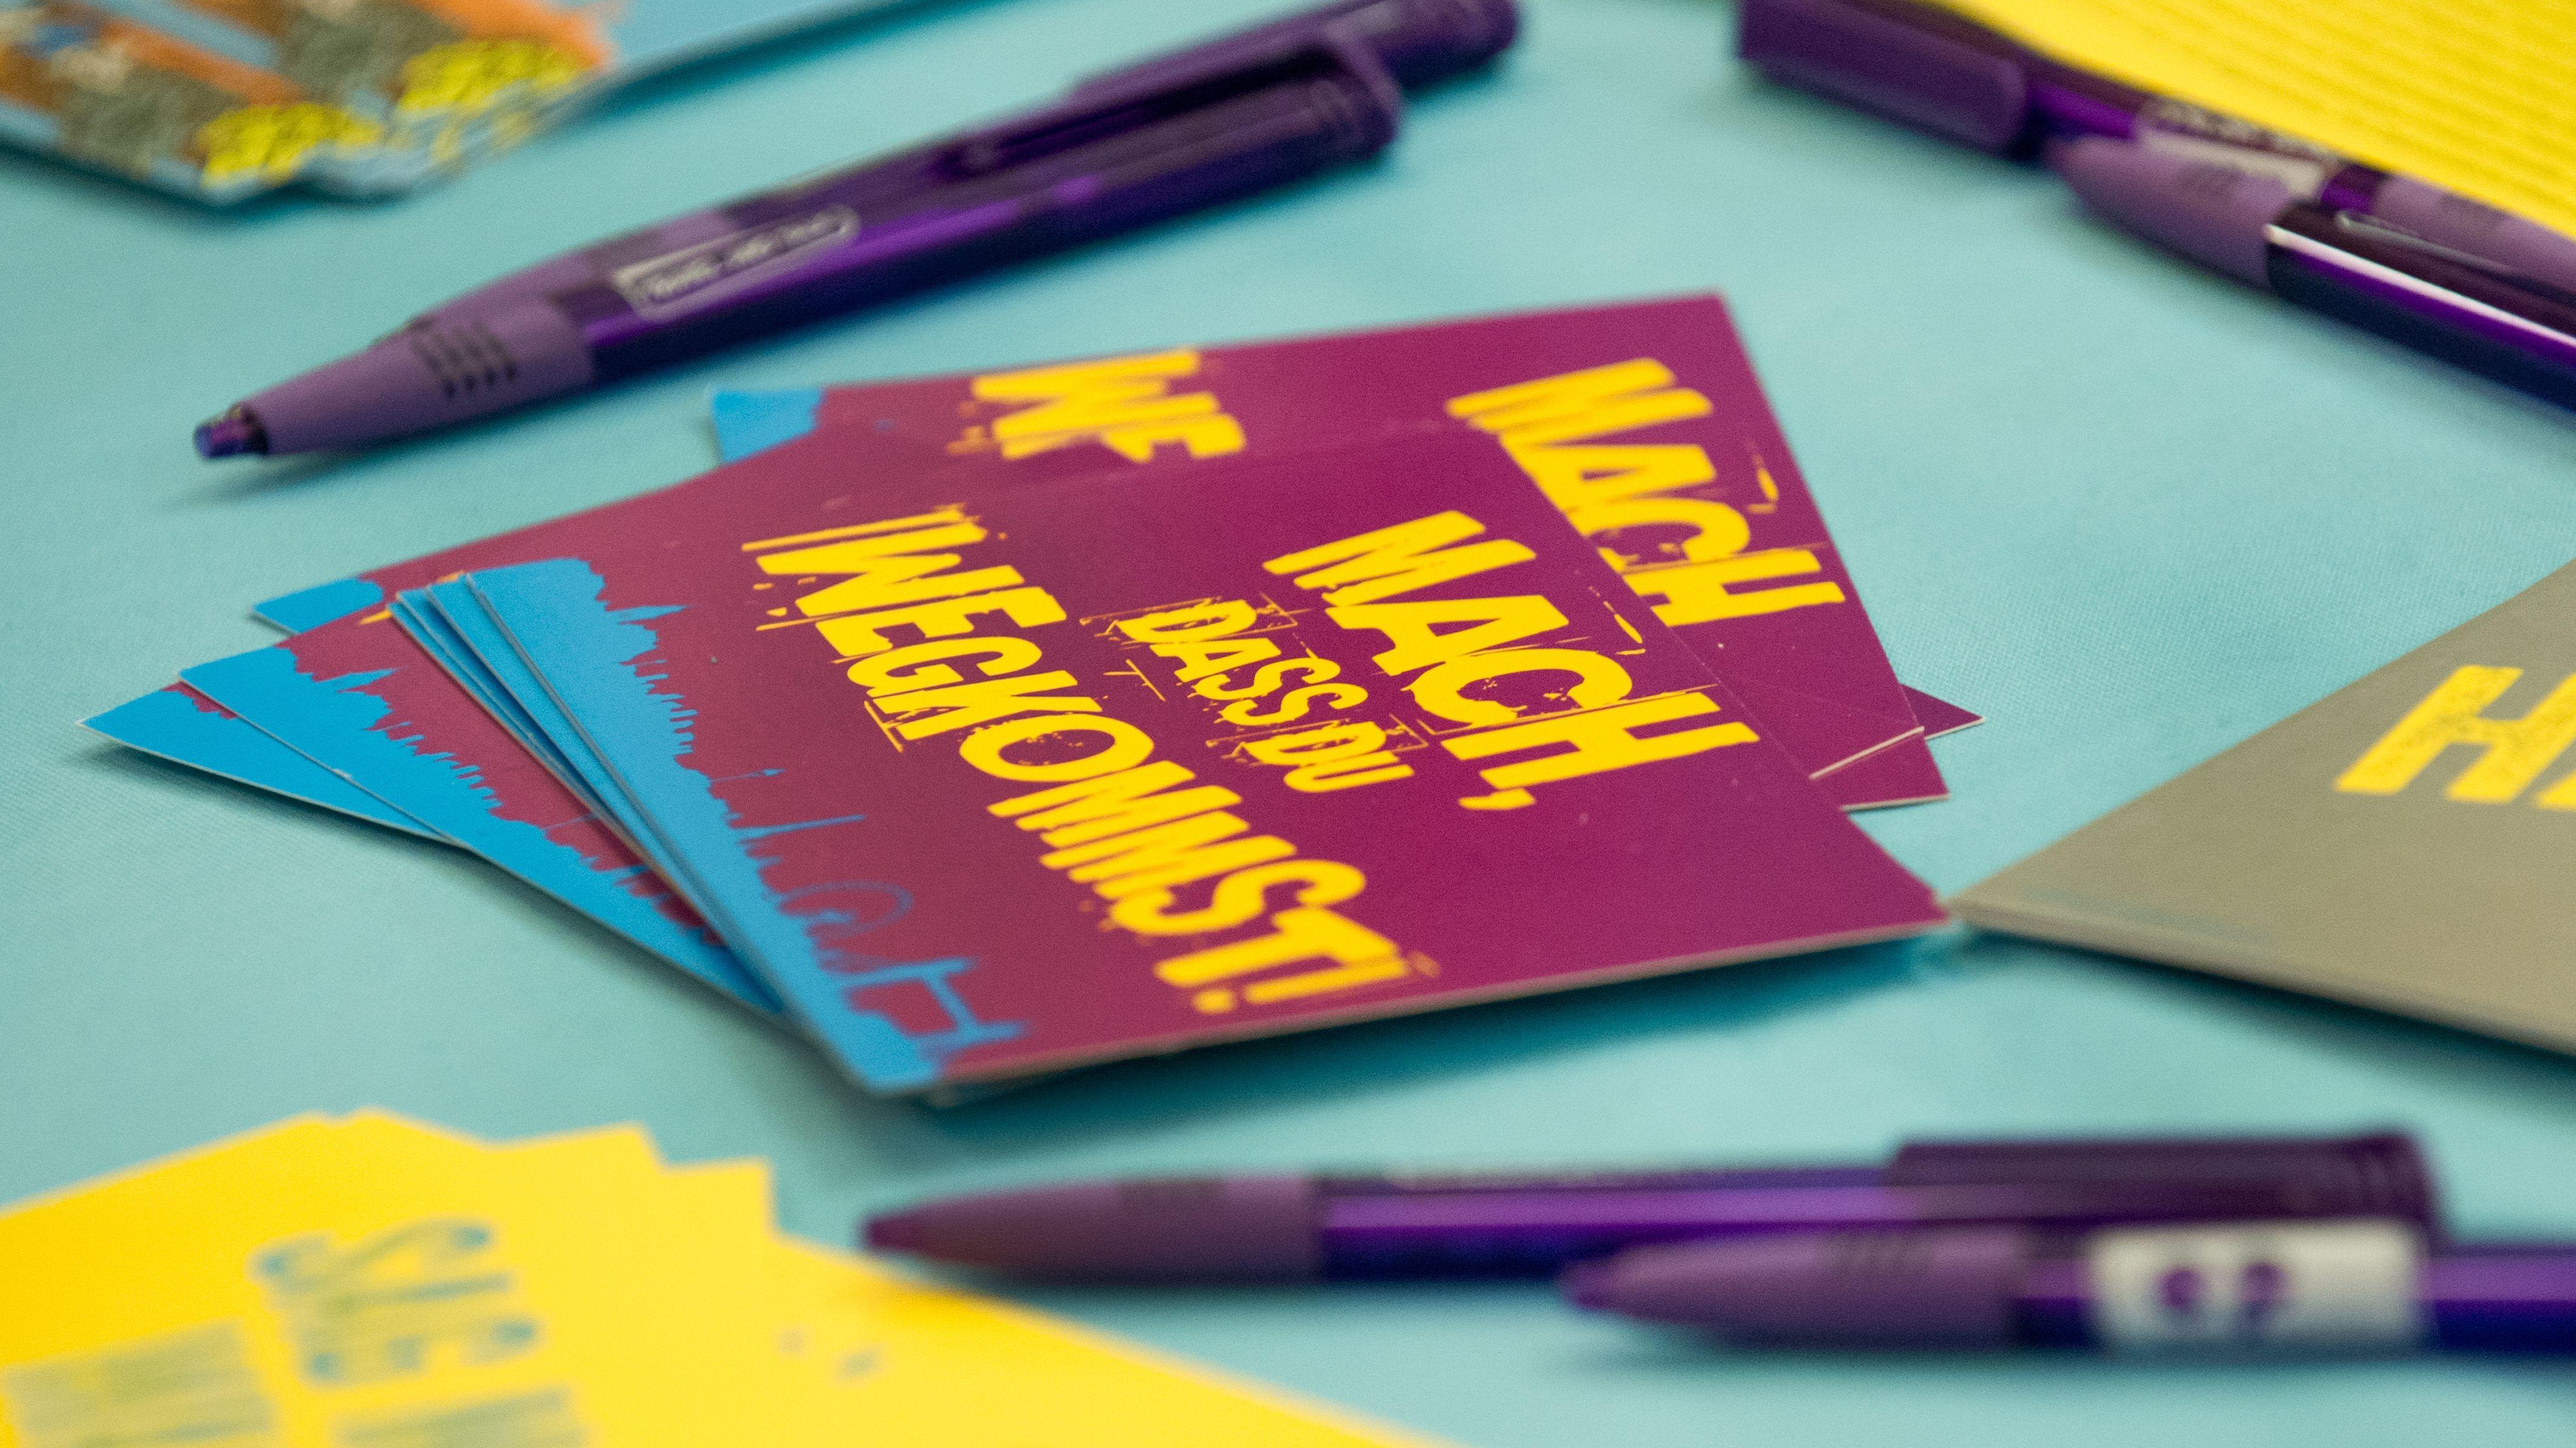 """Eine Postkarte mit der Aufschrift """"Mach, dass du wegkommst!"""" bei einer  Schüler-Austausch-Messe"""